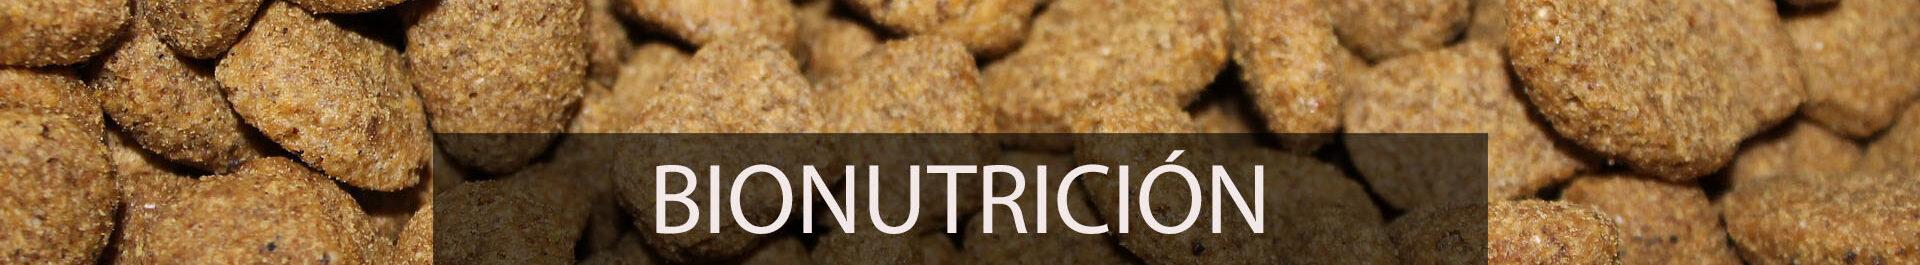 Bionutrición, la estrategia de Agrigán para producir carne de manera eficiente